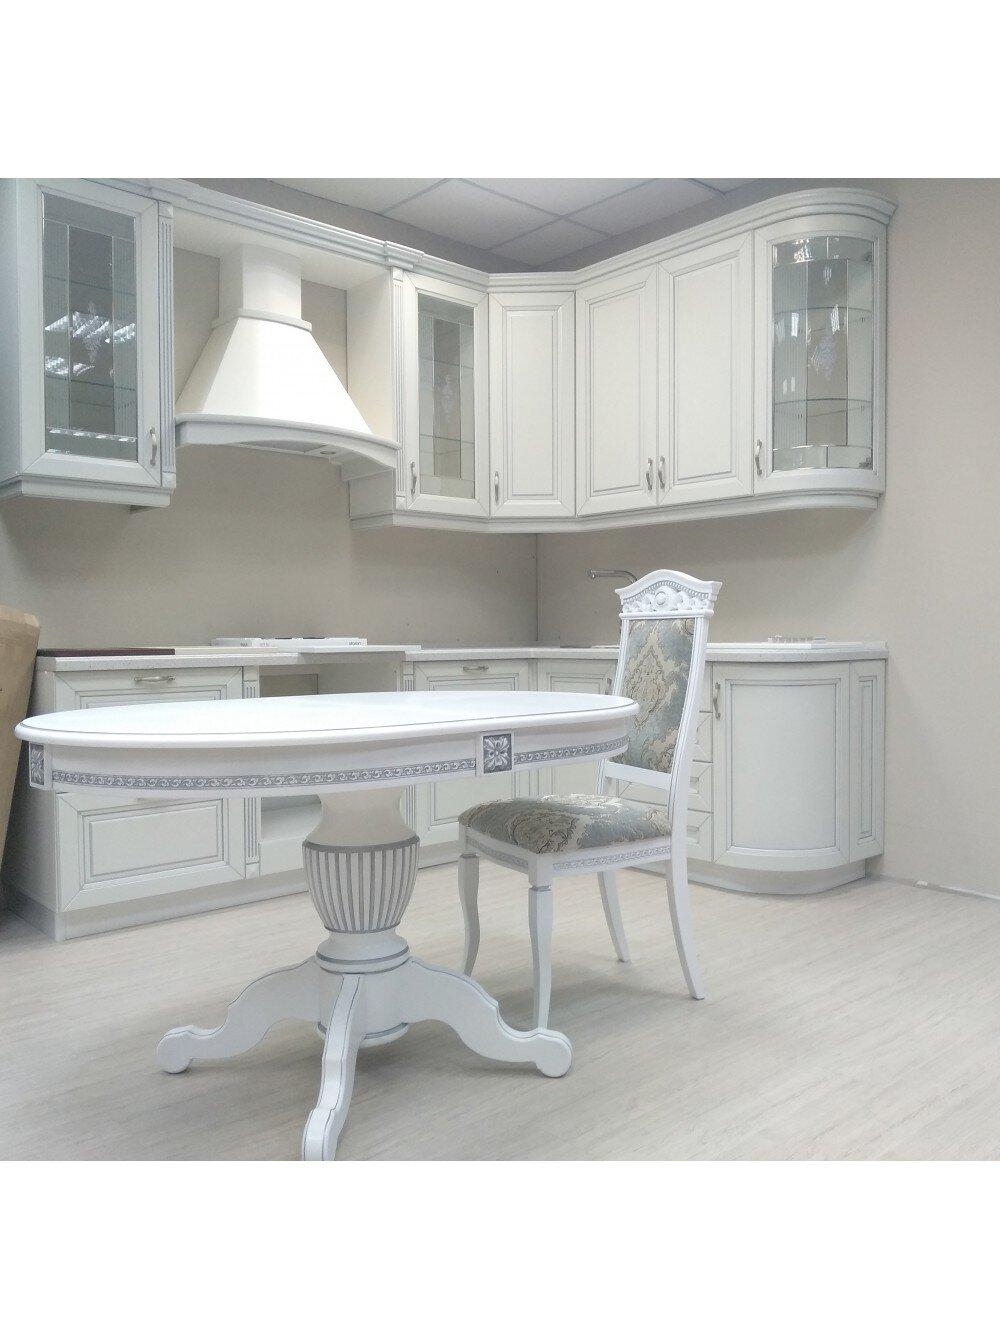 Овальный стол из массива бука цвет: белый Размер 90*130 (+50 ) см. - фото pic_9c3642806a5e7c755501d8e3c404bd4e_1920x9000_1.jpg